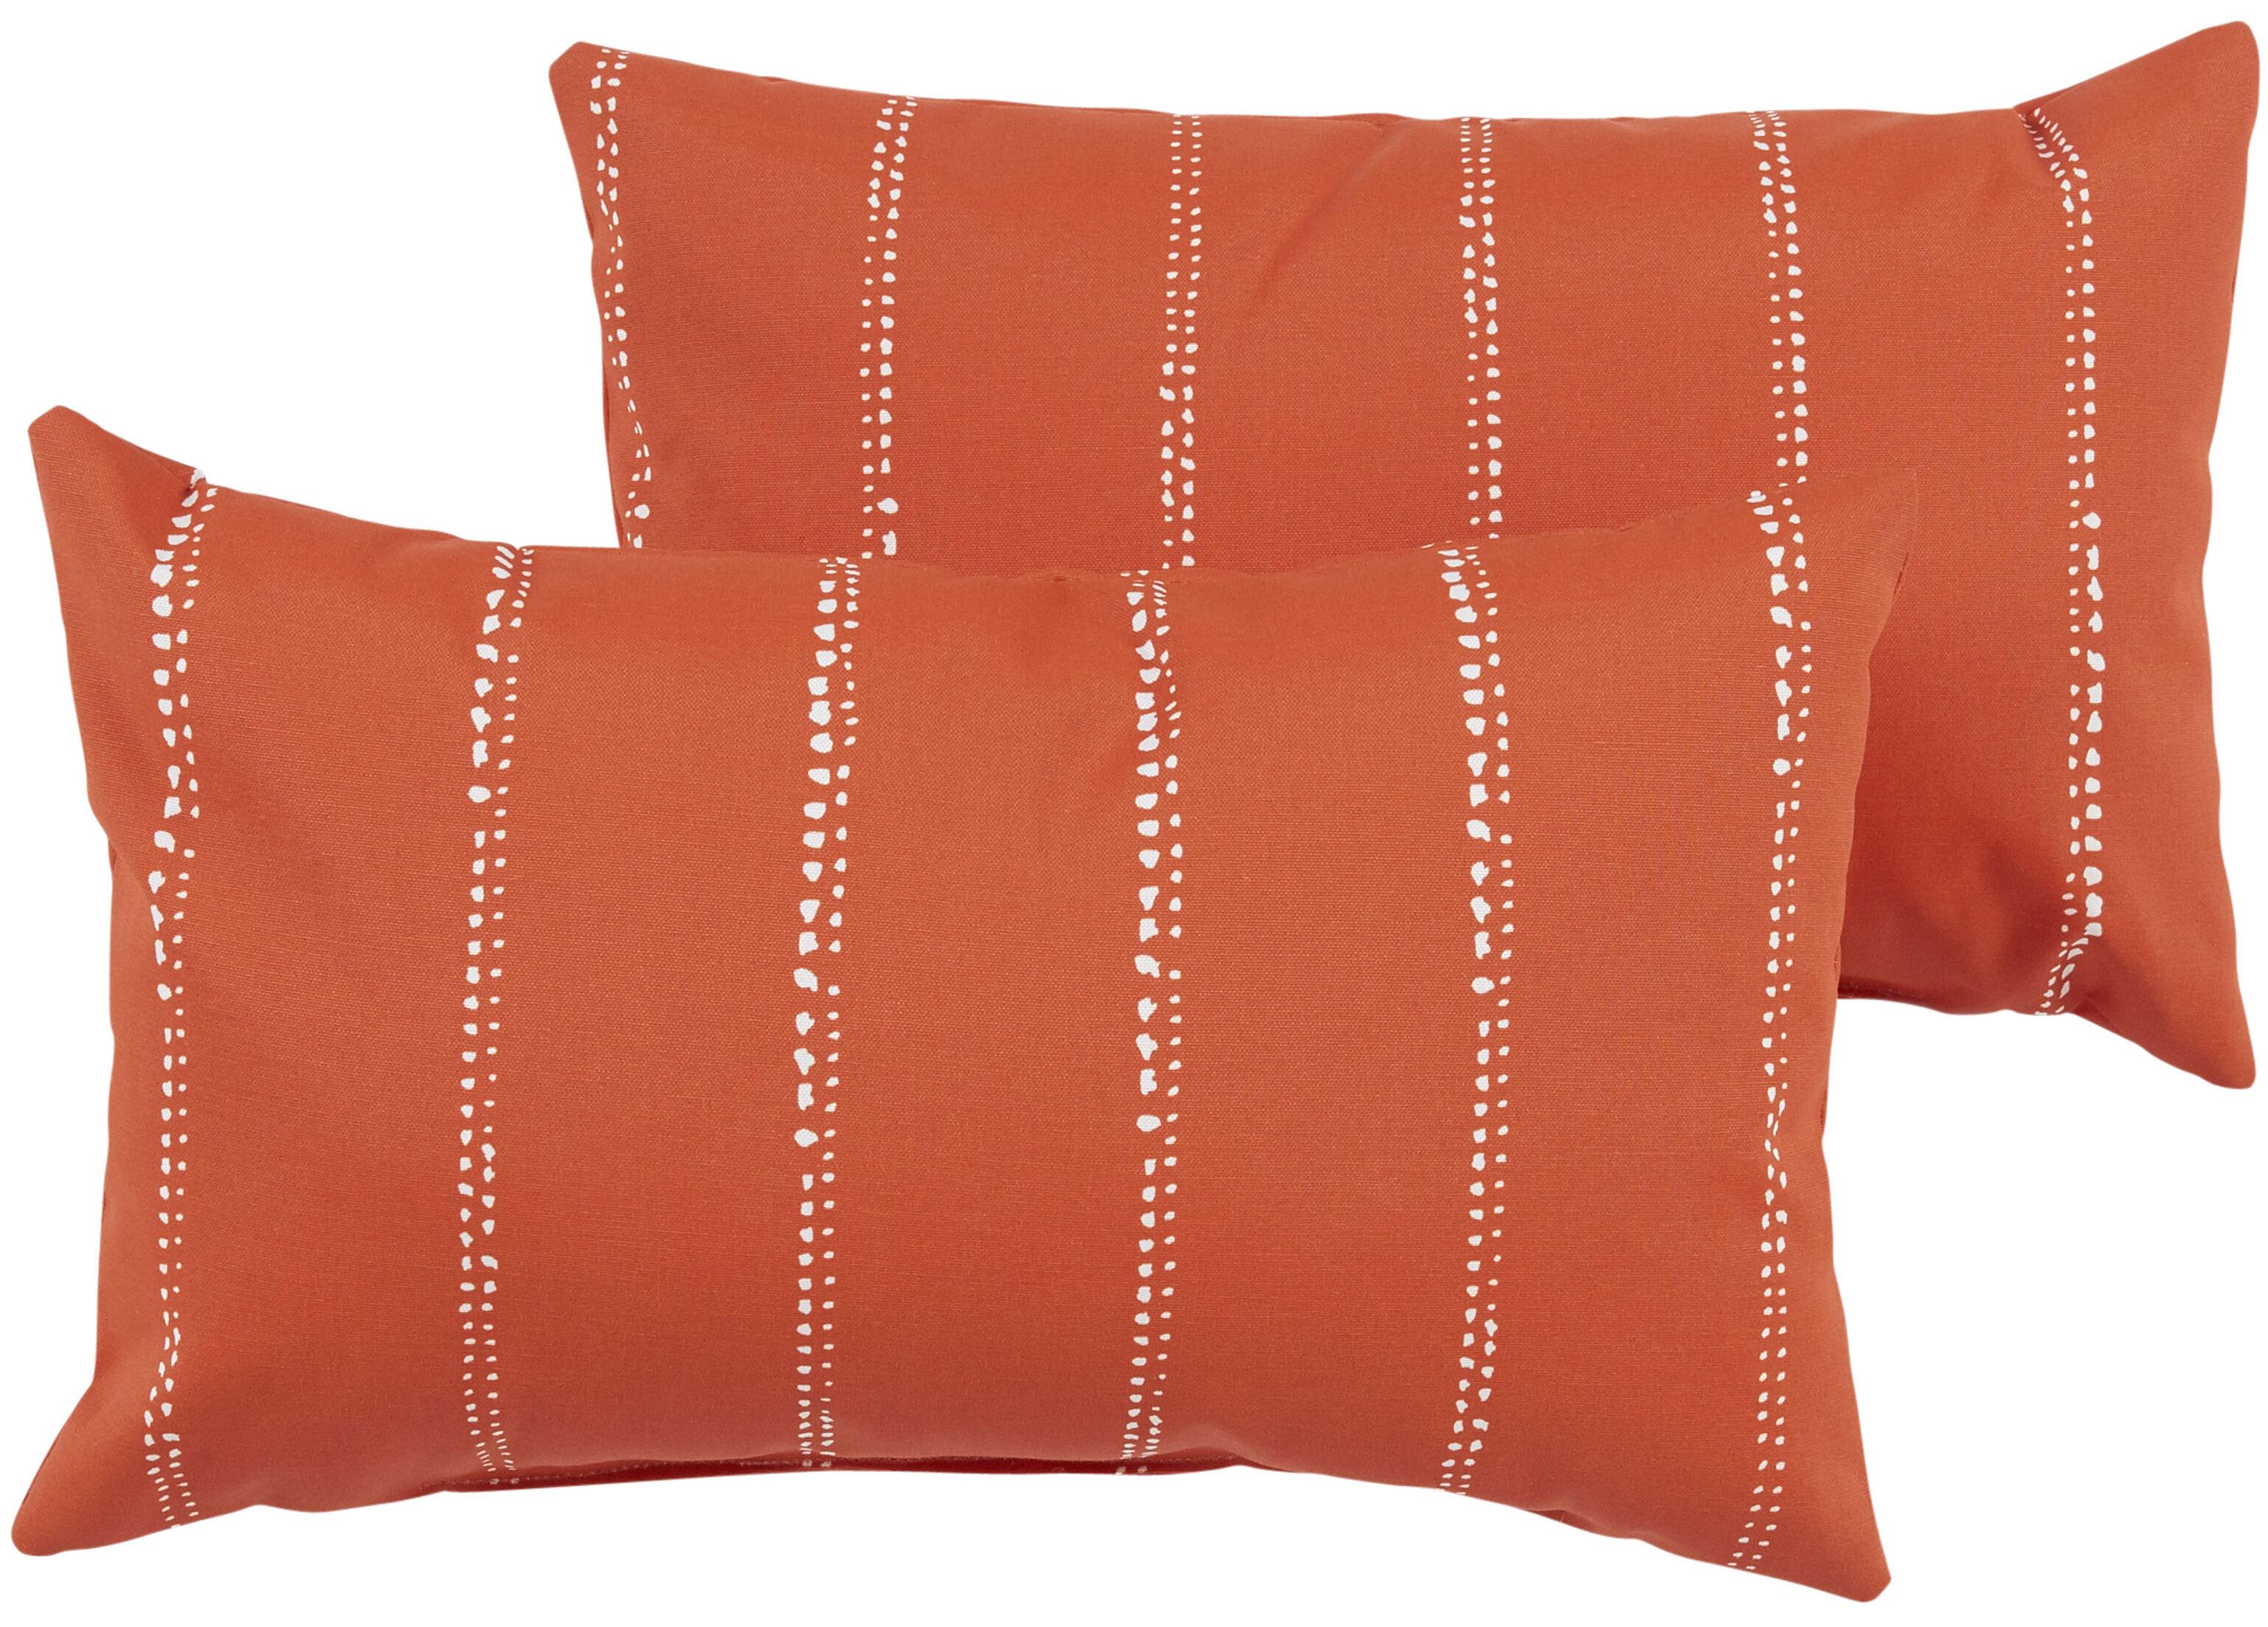 grey red sale orange org pillows lumbar pillow kcscienceinc outdoor